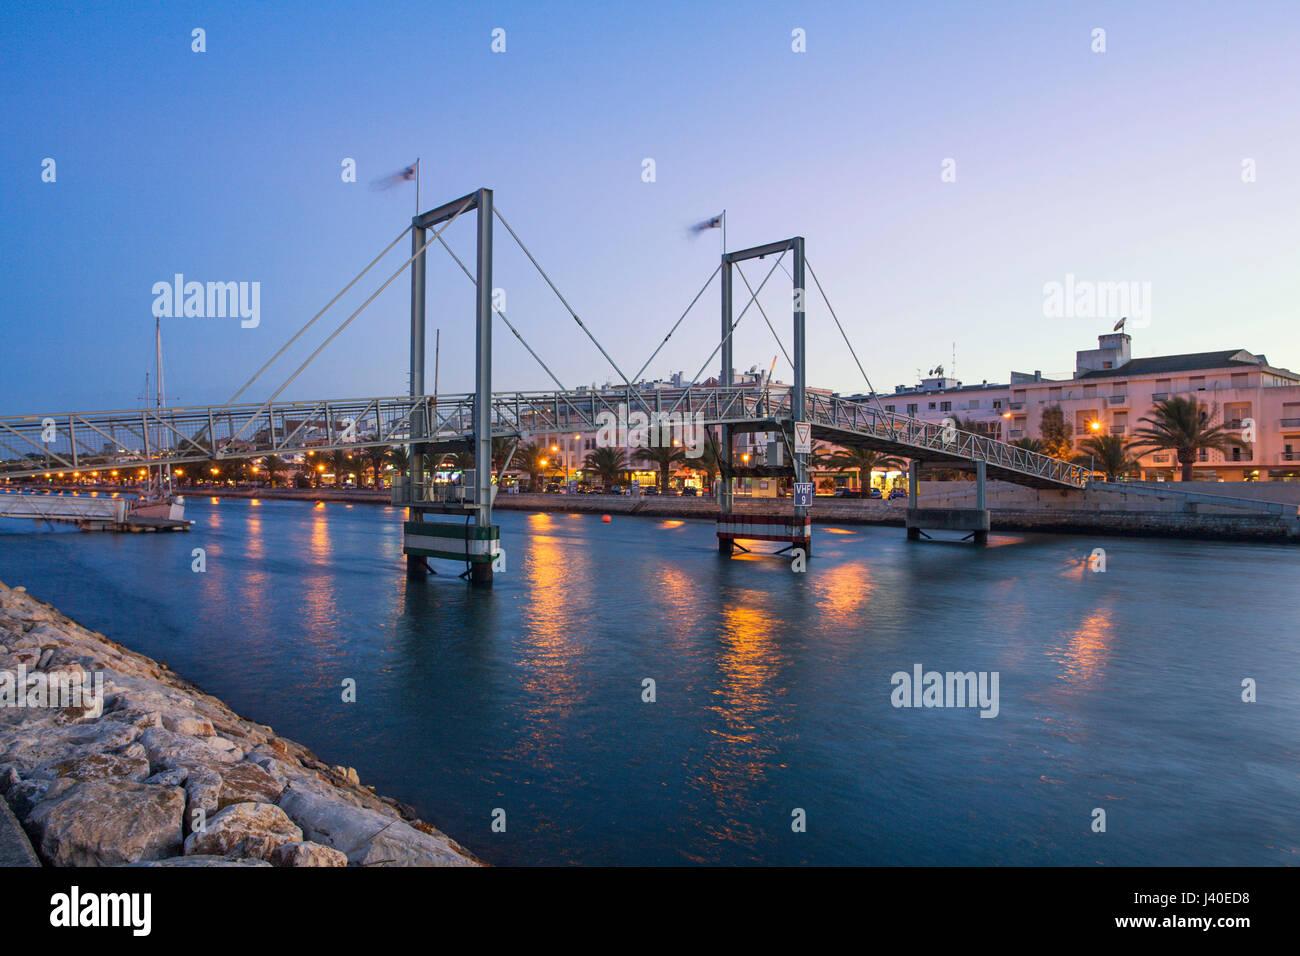 Fußgängerbrücke über den Kanal, Lagos, Algarve, Portugal Stockbild